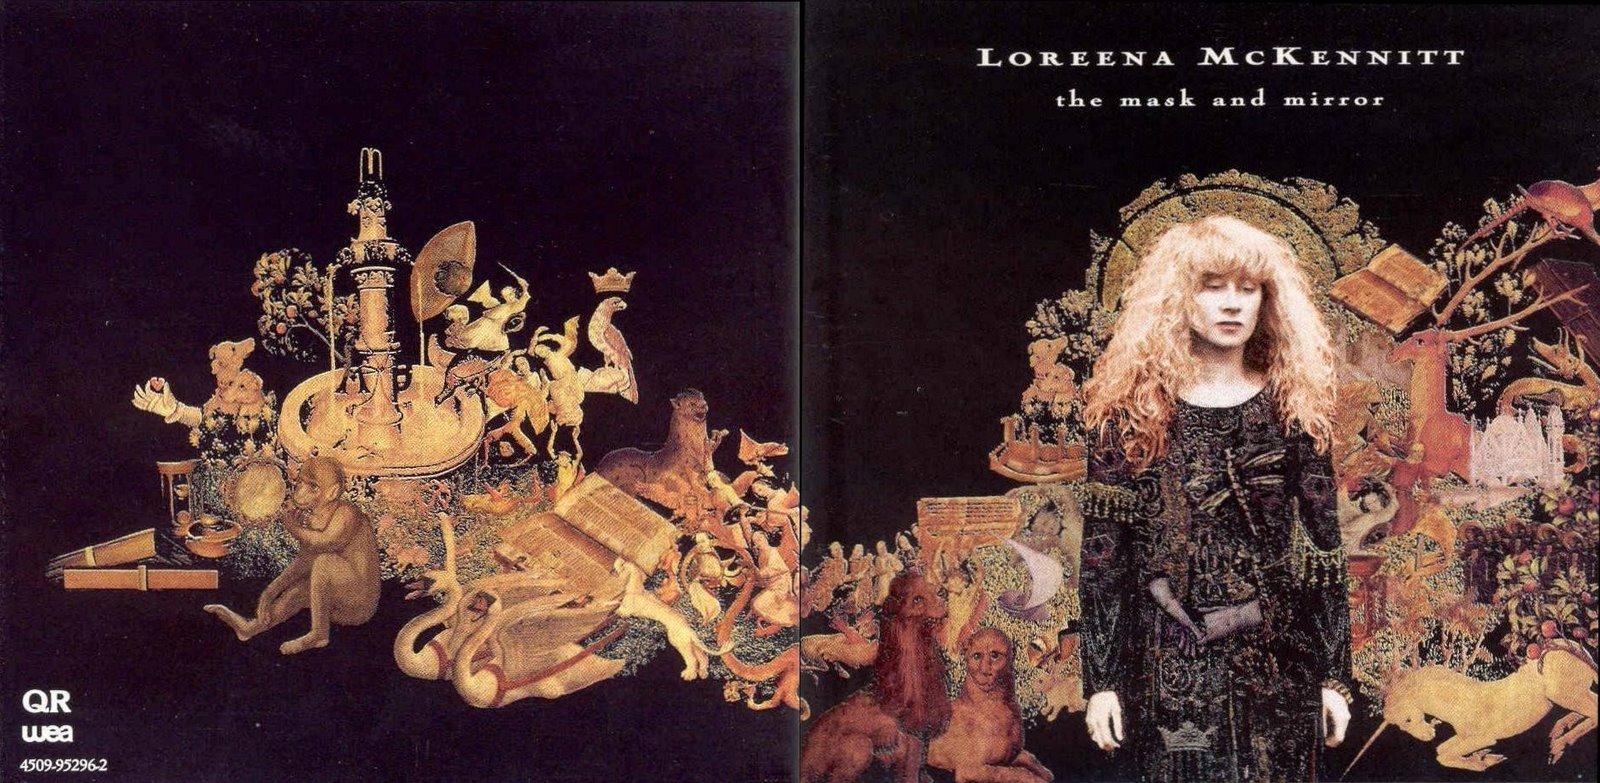 Qu'est-ce que vous écoutez en ce moment ?  - Page 4 Loreena%2BMcKennitt%2B-%2B1994%2B-%2BThe%2BMask%2BAnd%2BMirror%2B-%2BFront